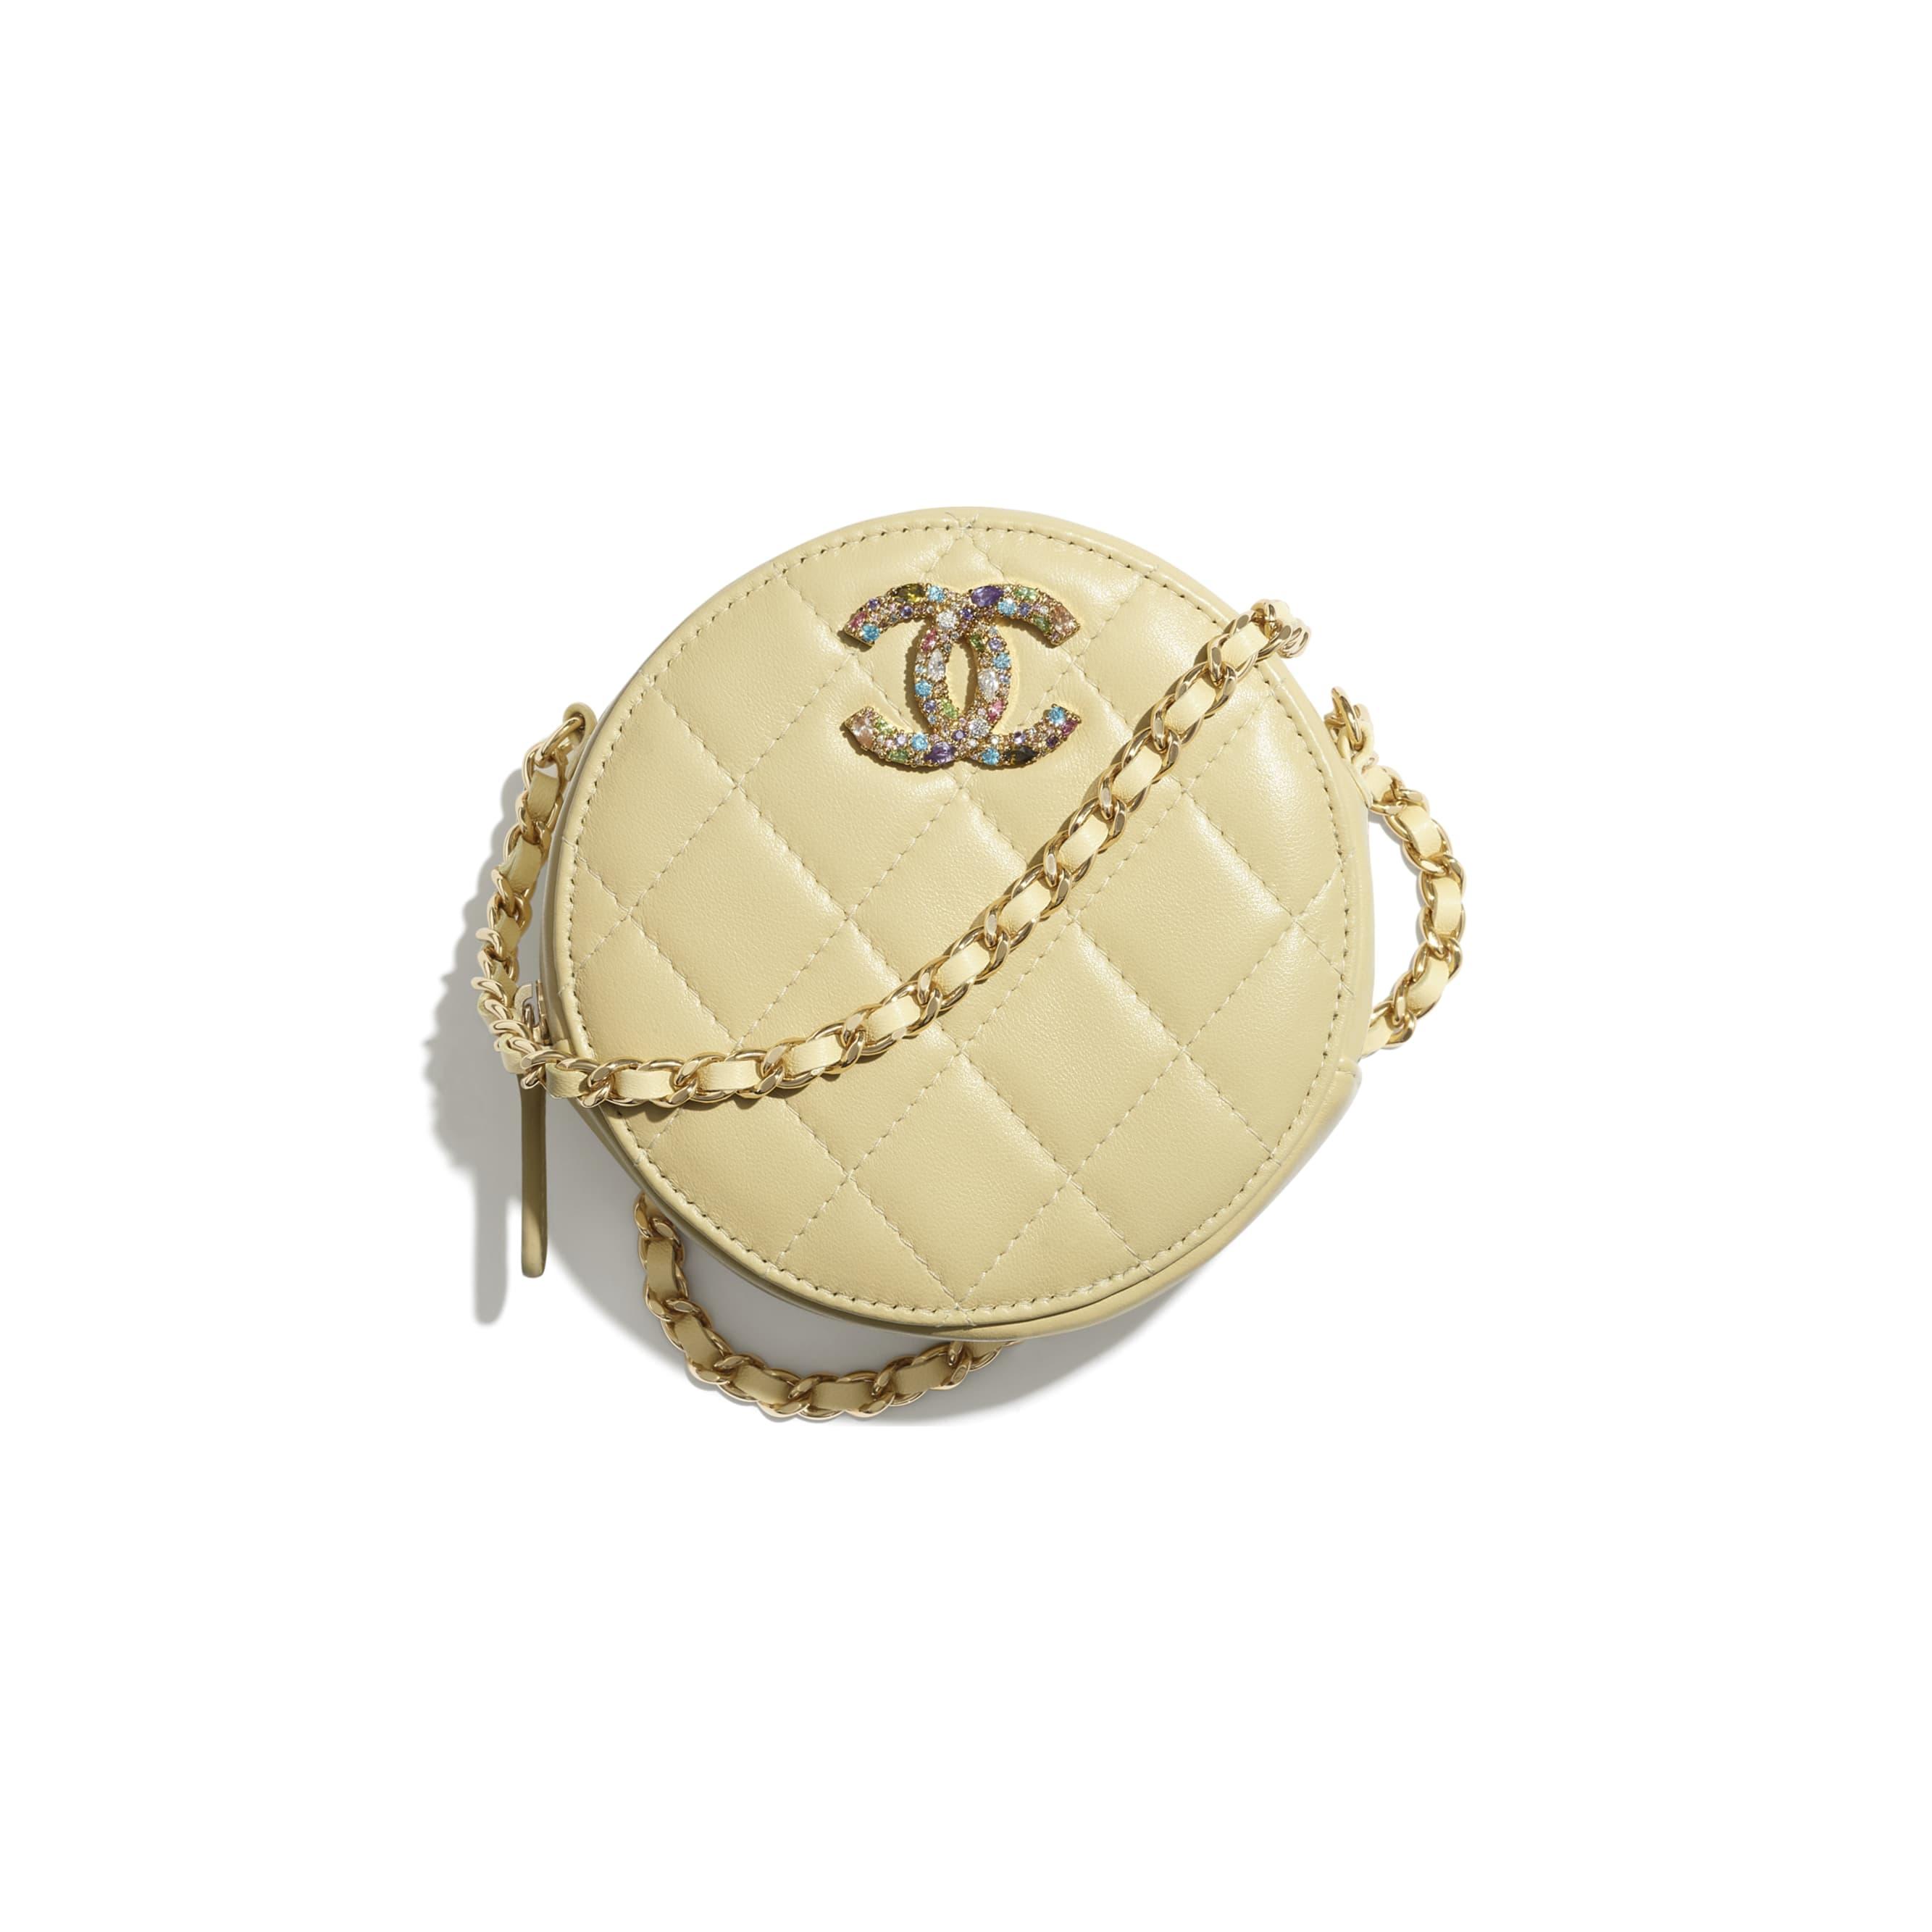 Clutch Com Corrente - Amarelo - Pele de cordeiro, zircónio & metal dourado - CHANEL - Vista predefinida - ver a versão em tamanho standard